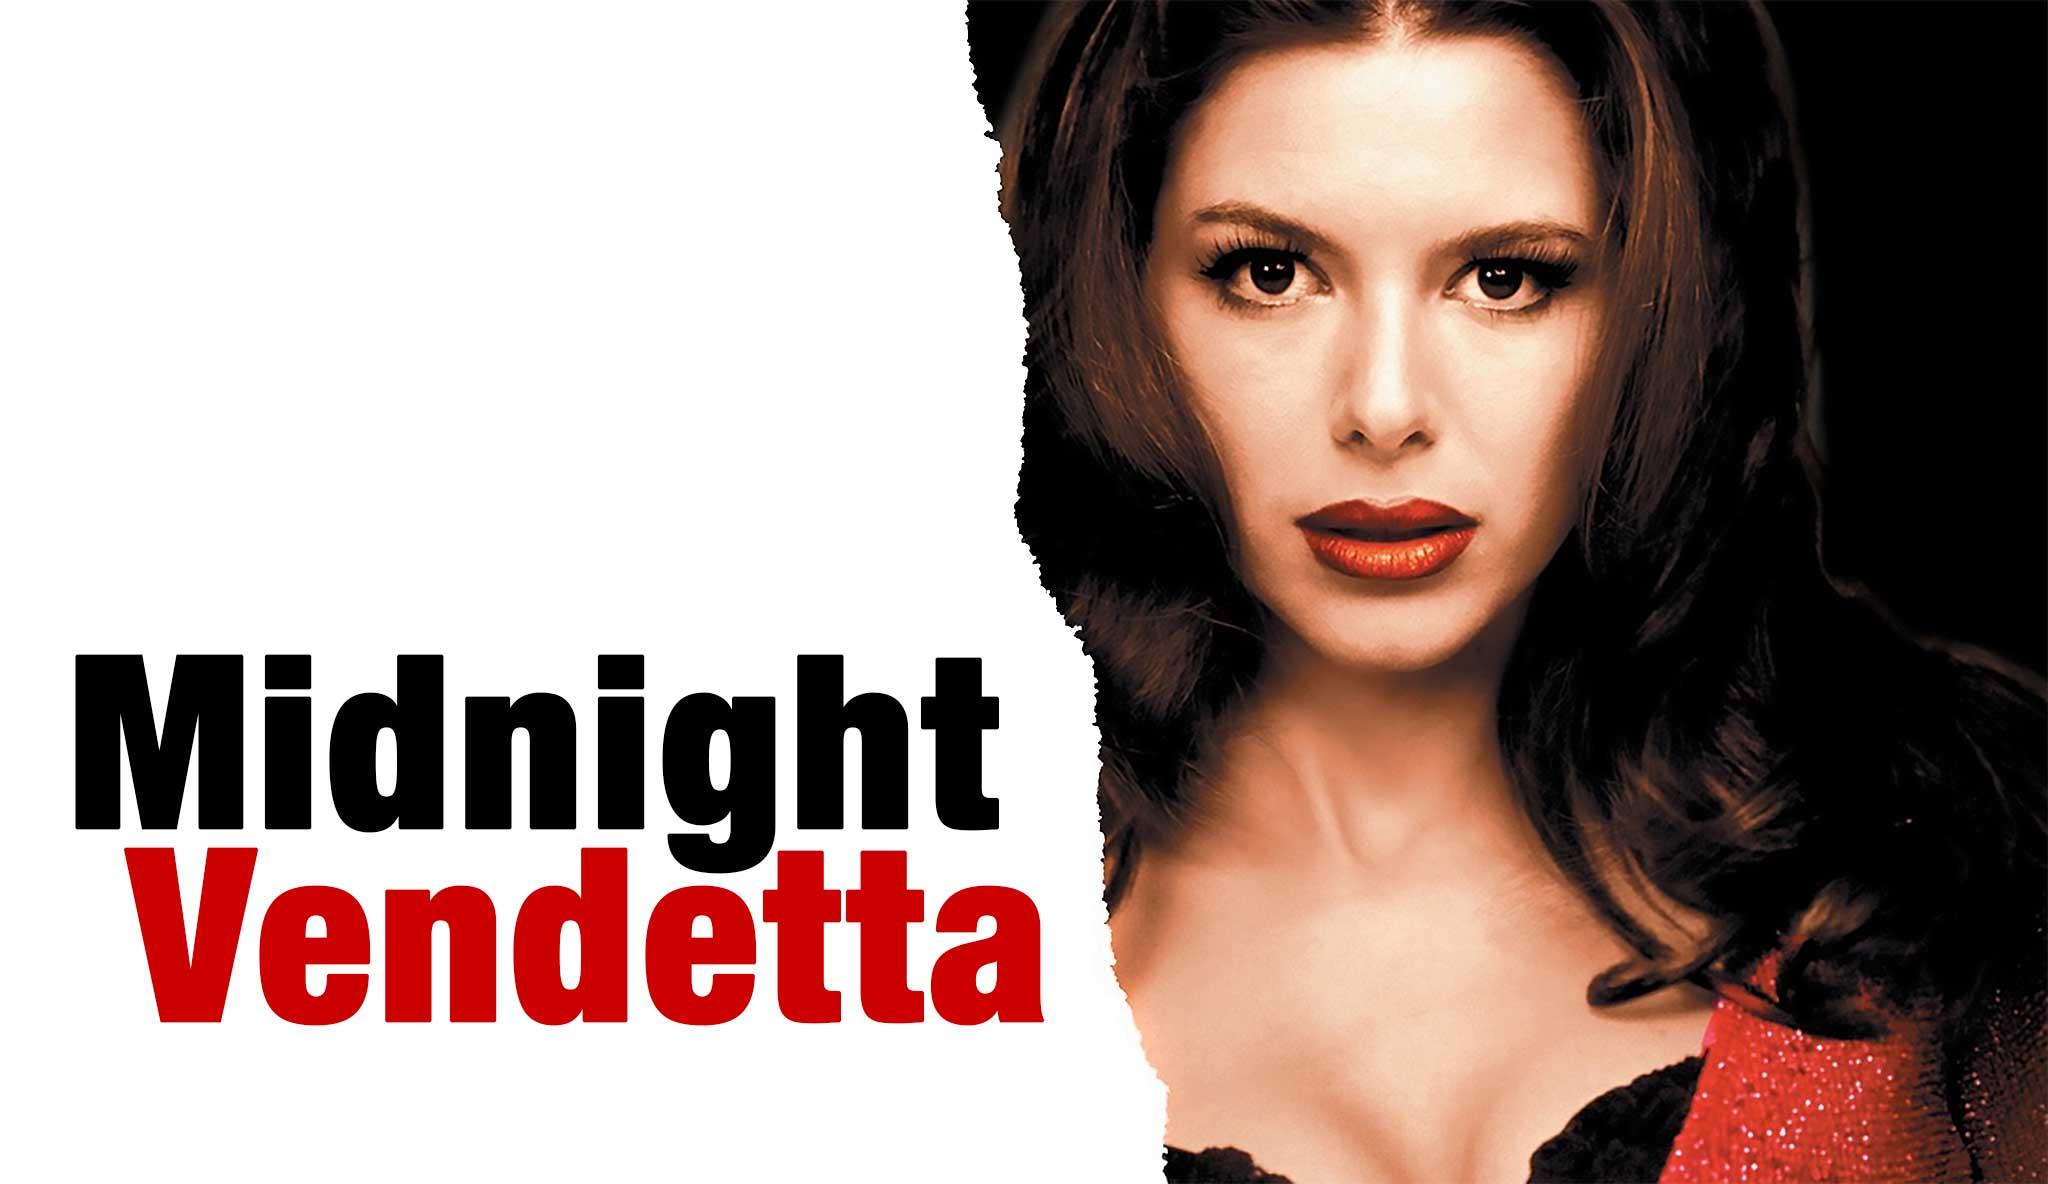 midnight-vendetta-rache-um-mitternacht\header.jpg